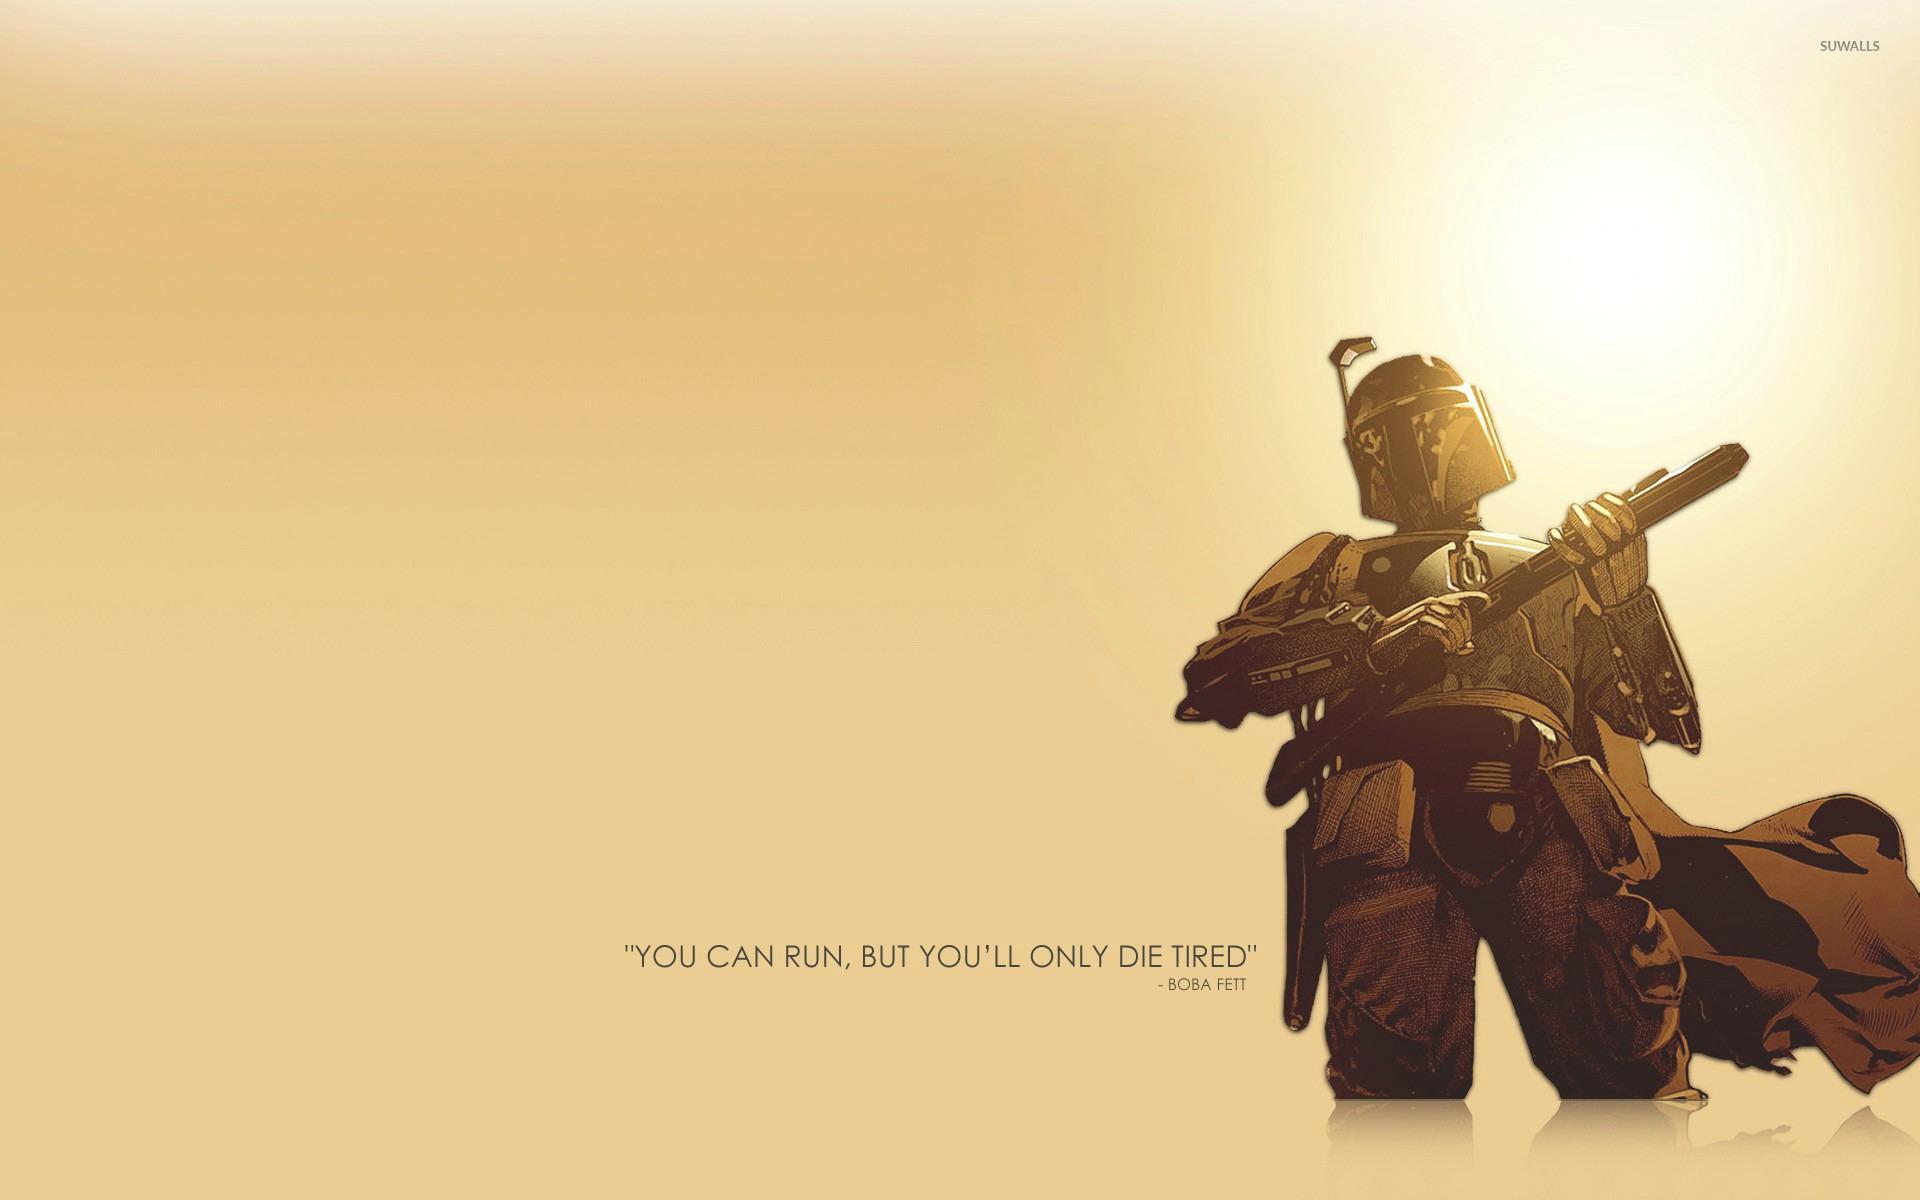 Boba Fett Star Wars Wallpaper Movie Wallpapers 14304